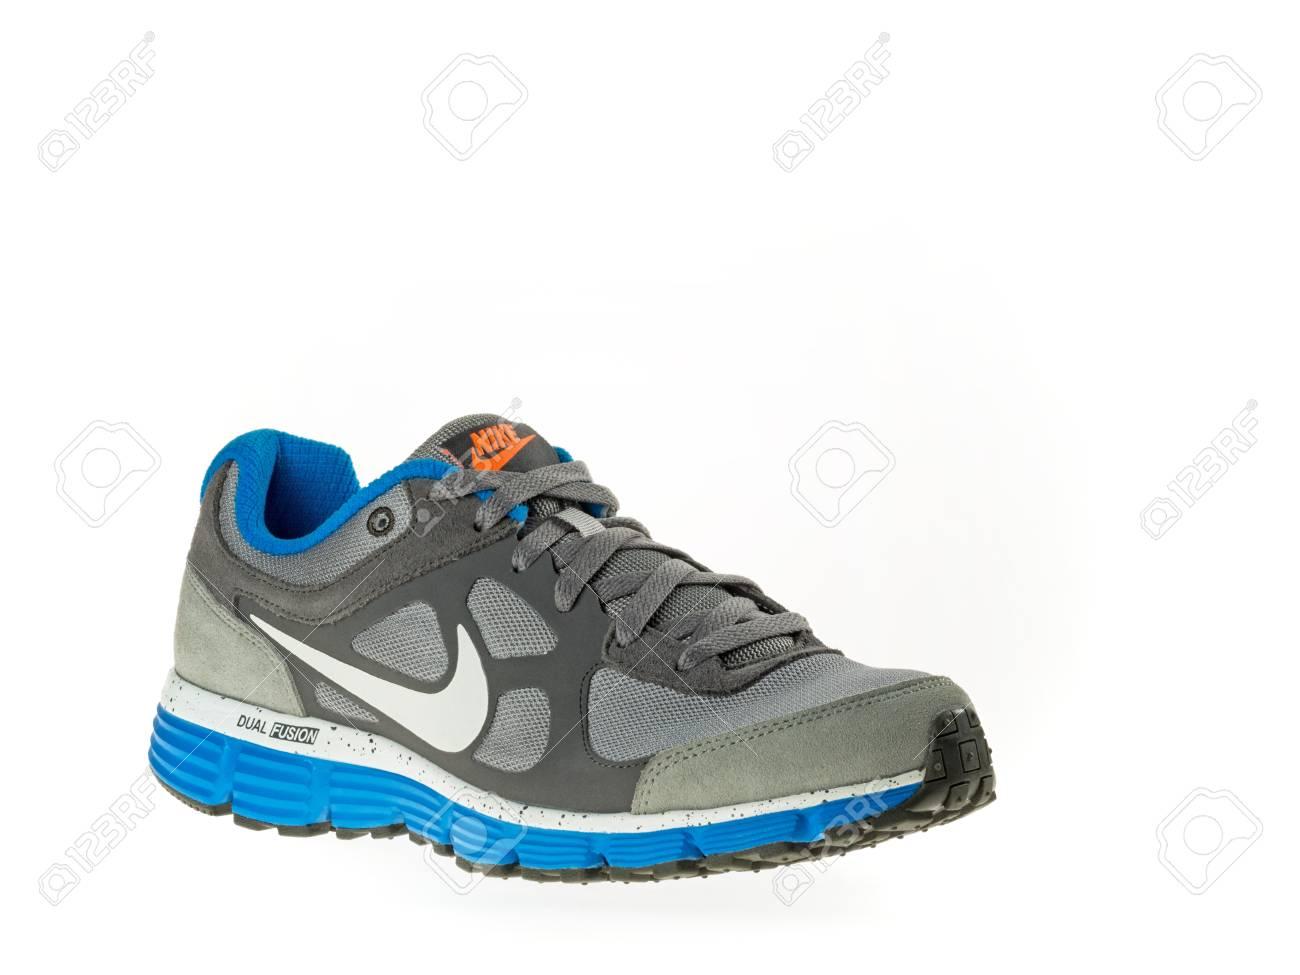 Turquía Estambul Nike Nuevo Estilo 2014 Zapatos De 21 Febrero SSfZKrqd